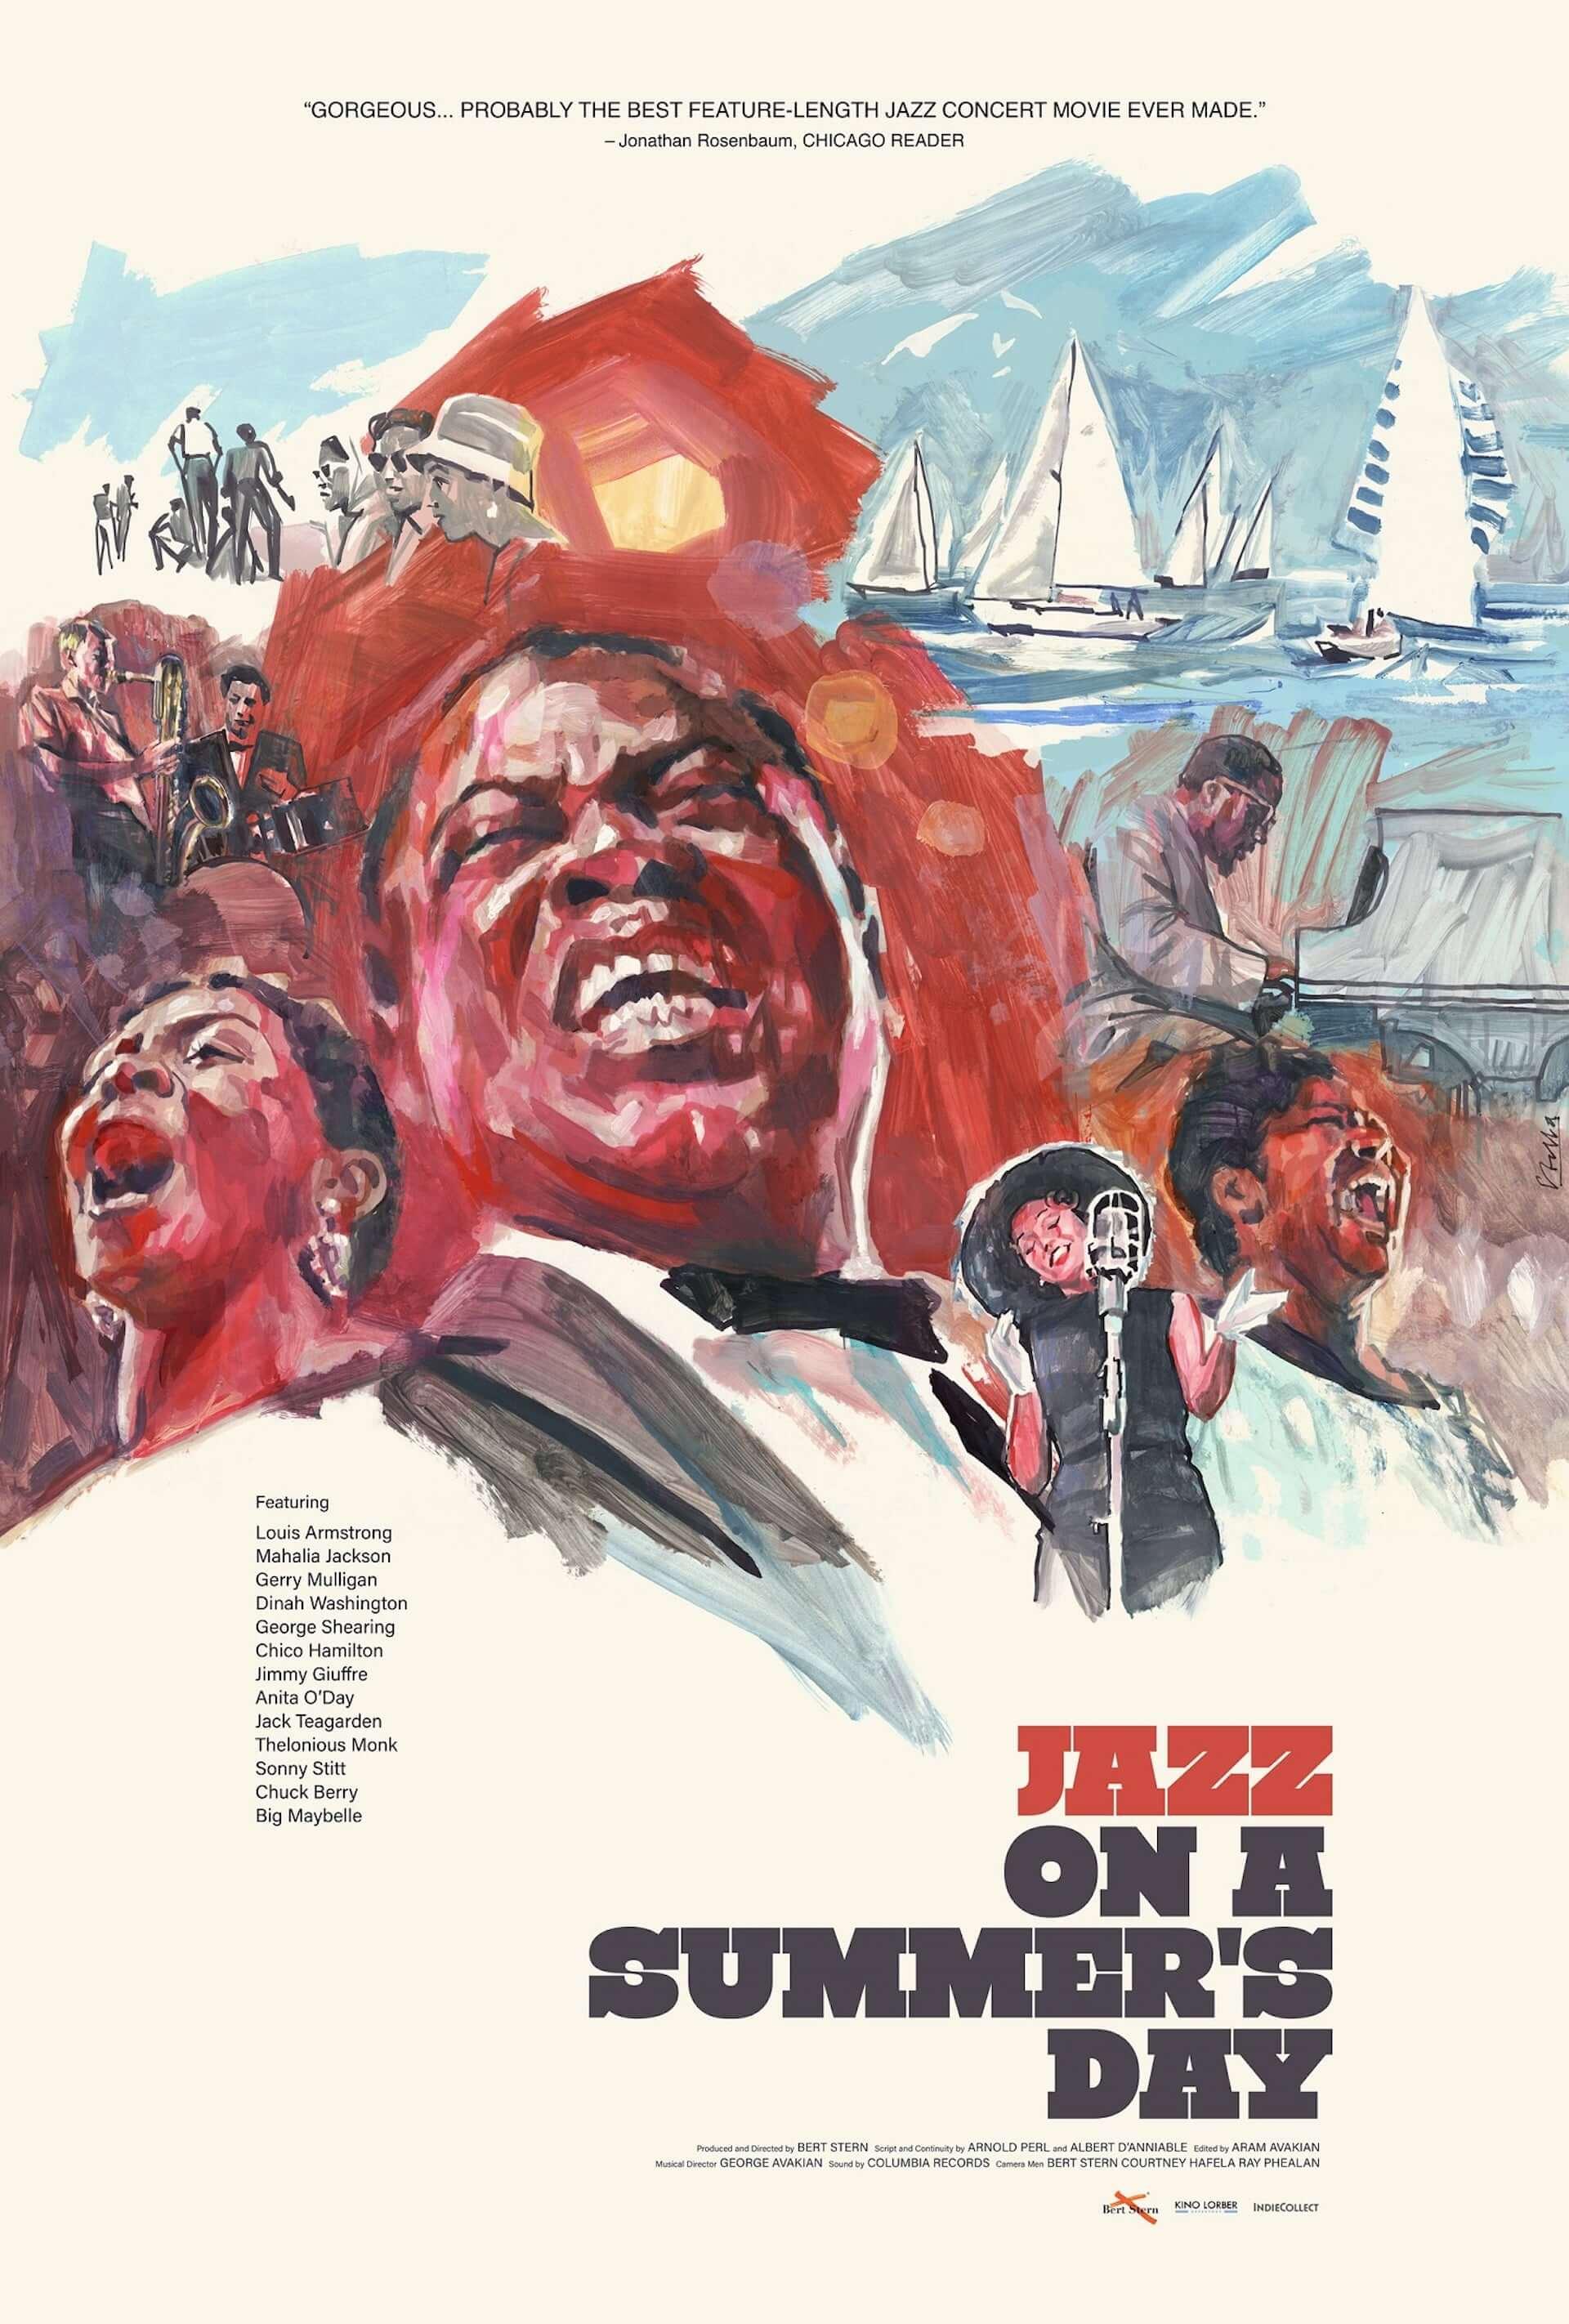 米最大級のフェスを追ったドキュメンタリー『真夏の夜のジャズ 4K』のビジュアルが4枚同時公開!1959年公開当時のフランス版&プレスブックの表紙も film200808_jazz4k_2-1920x2844